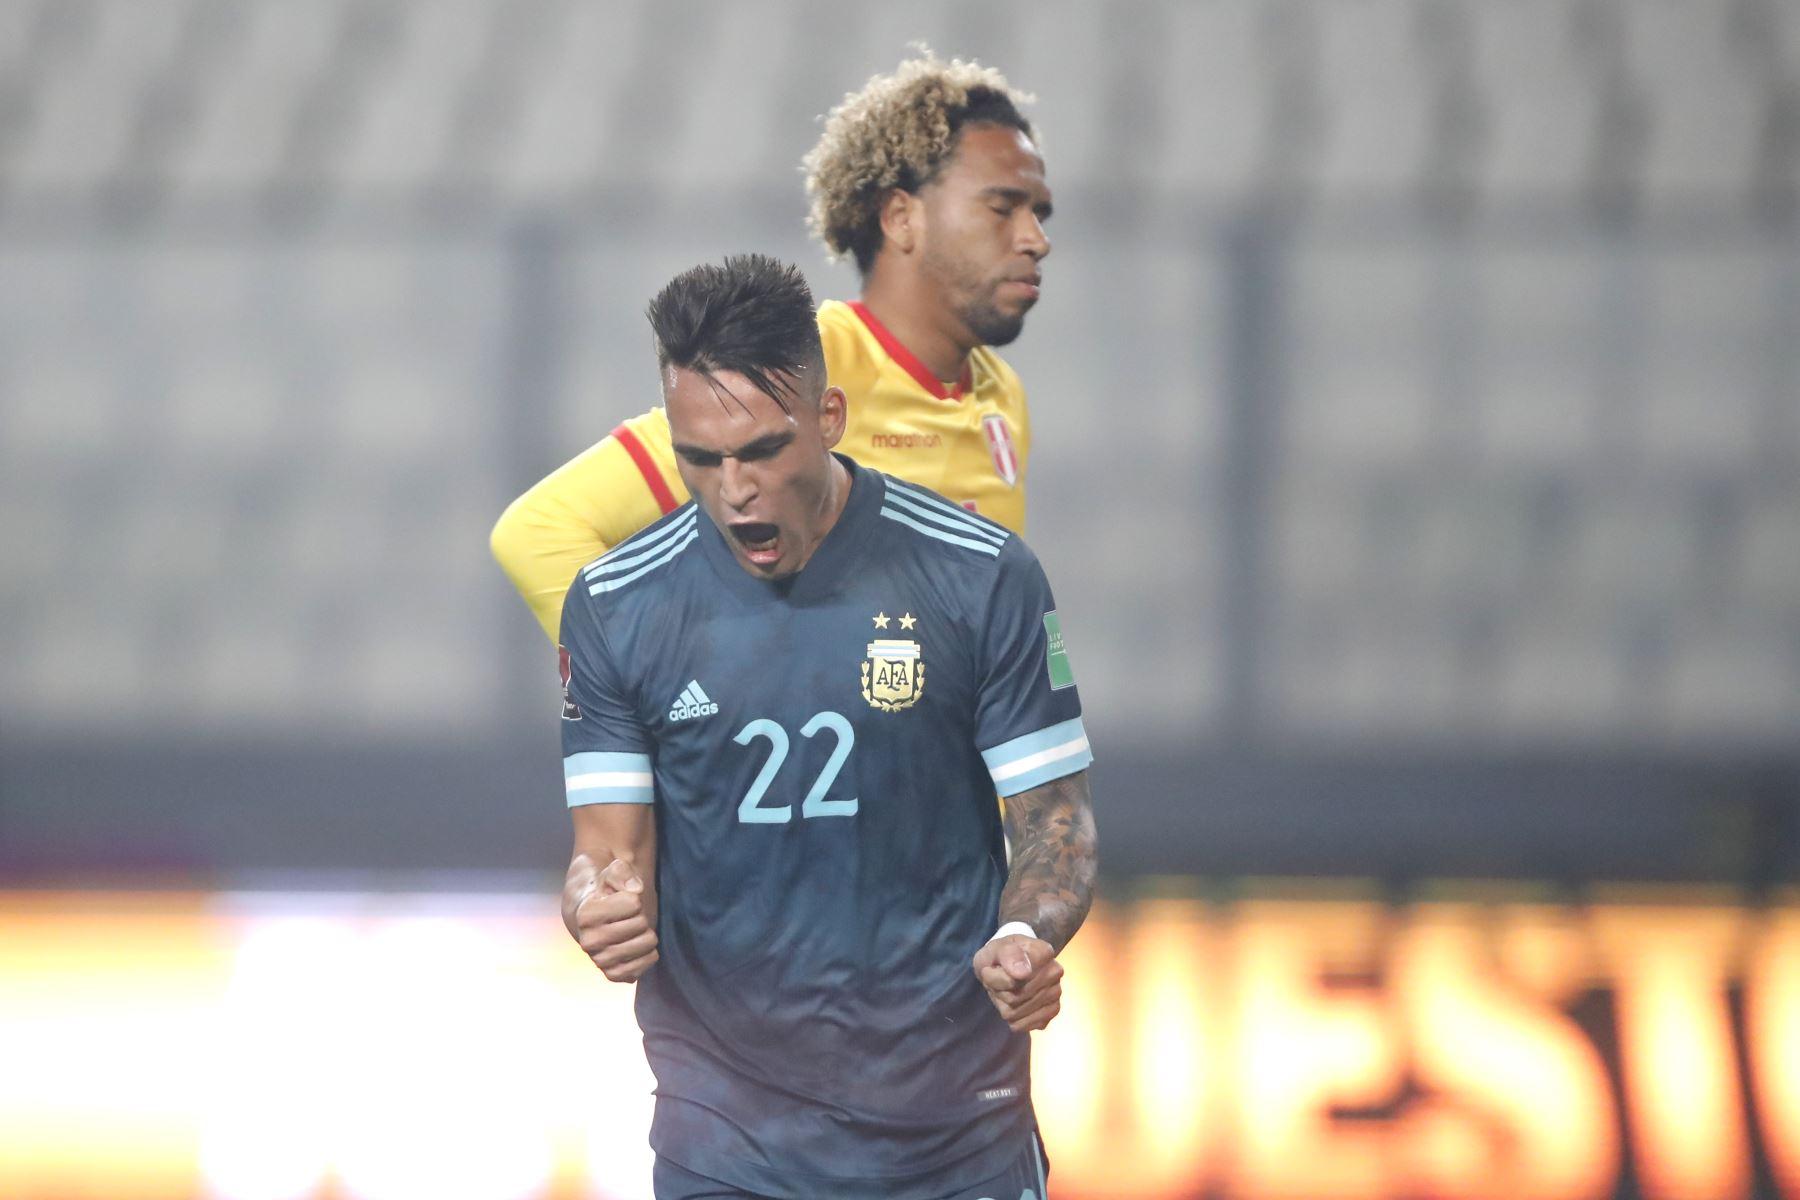 Lautaro Martinez celebra el segundo tanto. Argentina derrota 2 a 0 a la selección de Perú.  Foto: Pool FPF